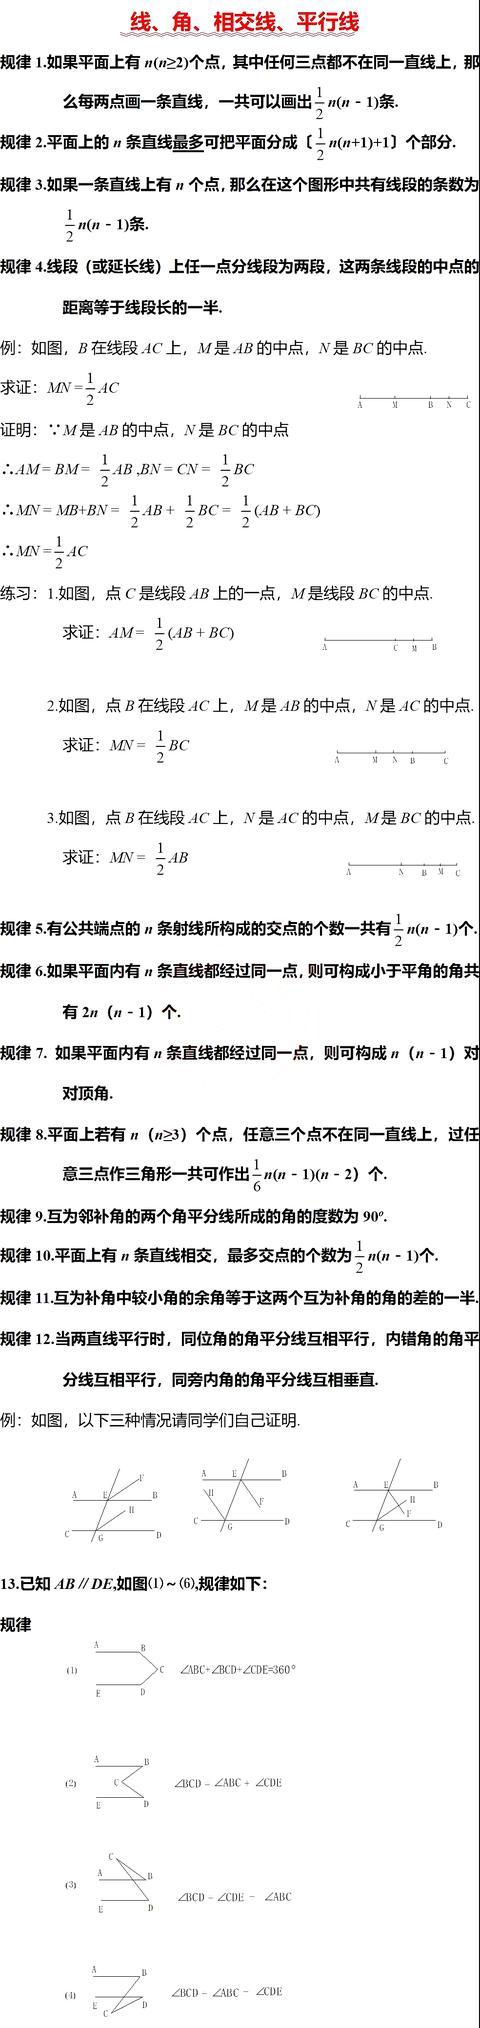 初中数学 | 几何初中数学沪教版教辅作辅助线的102条规律,冲刺高分必备(1)